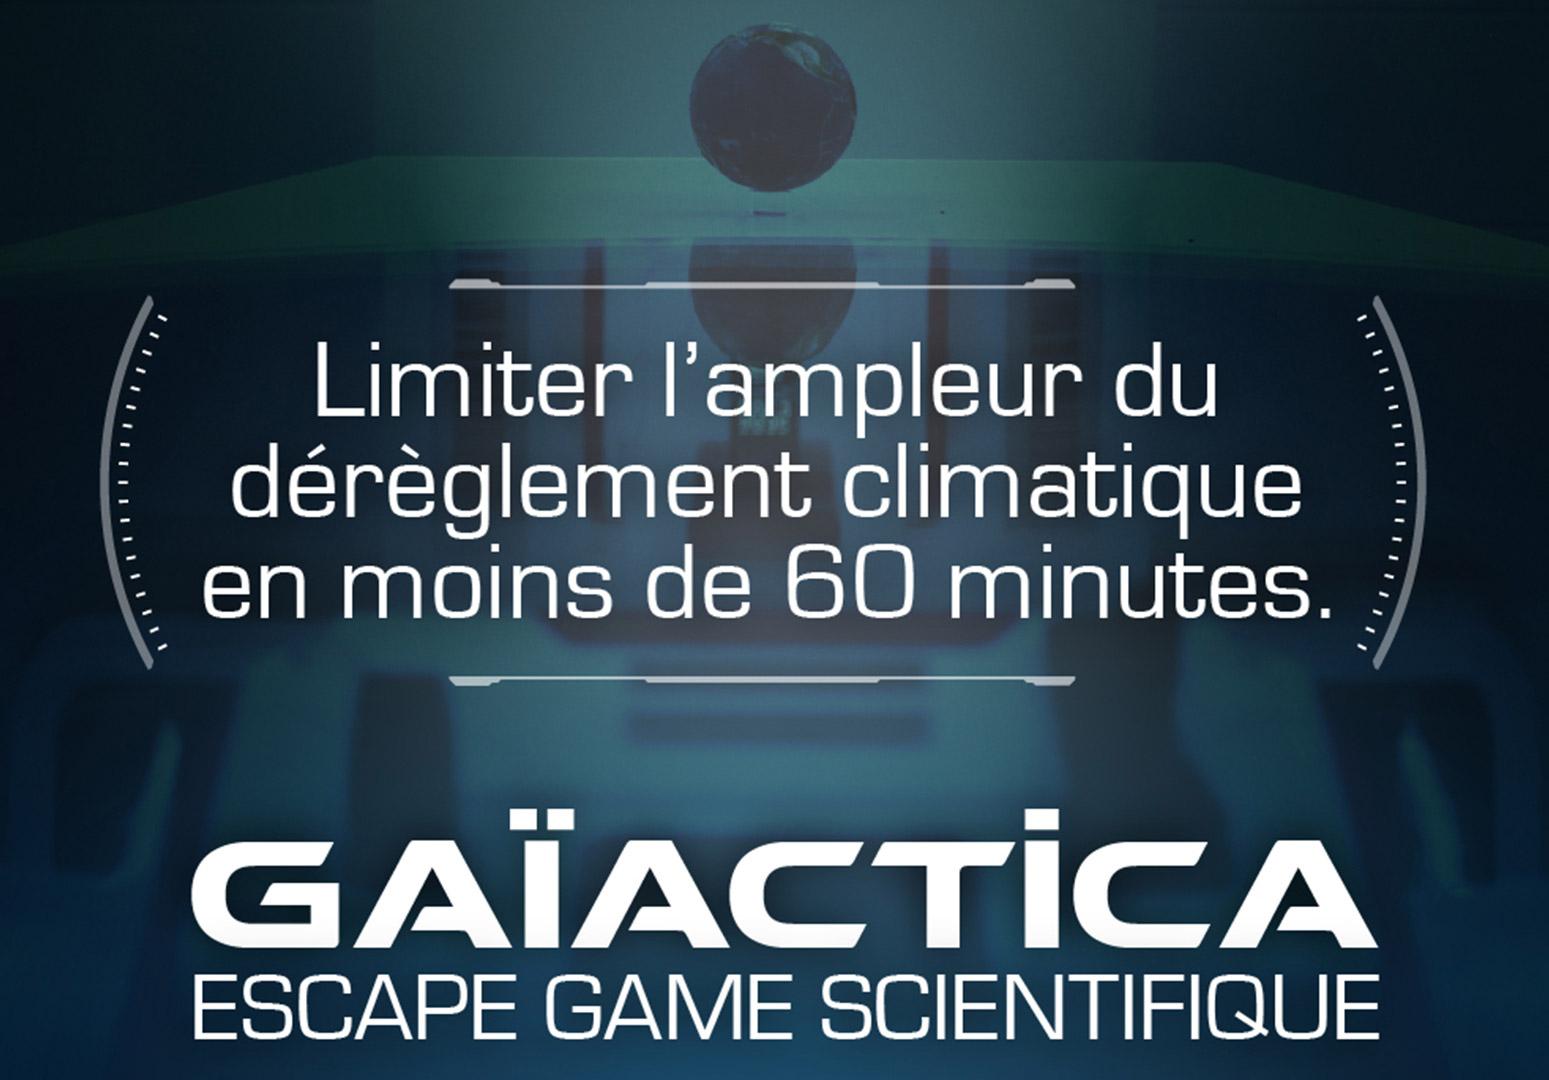 Gaïactica : Escape Game pour Sauver l'Humanité à Bordeaux